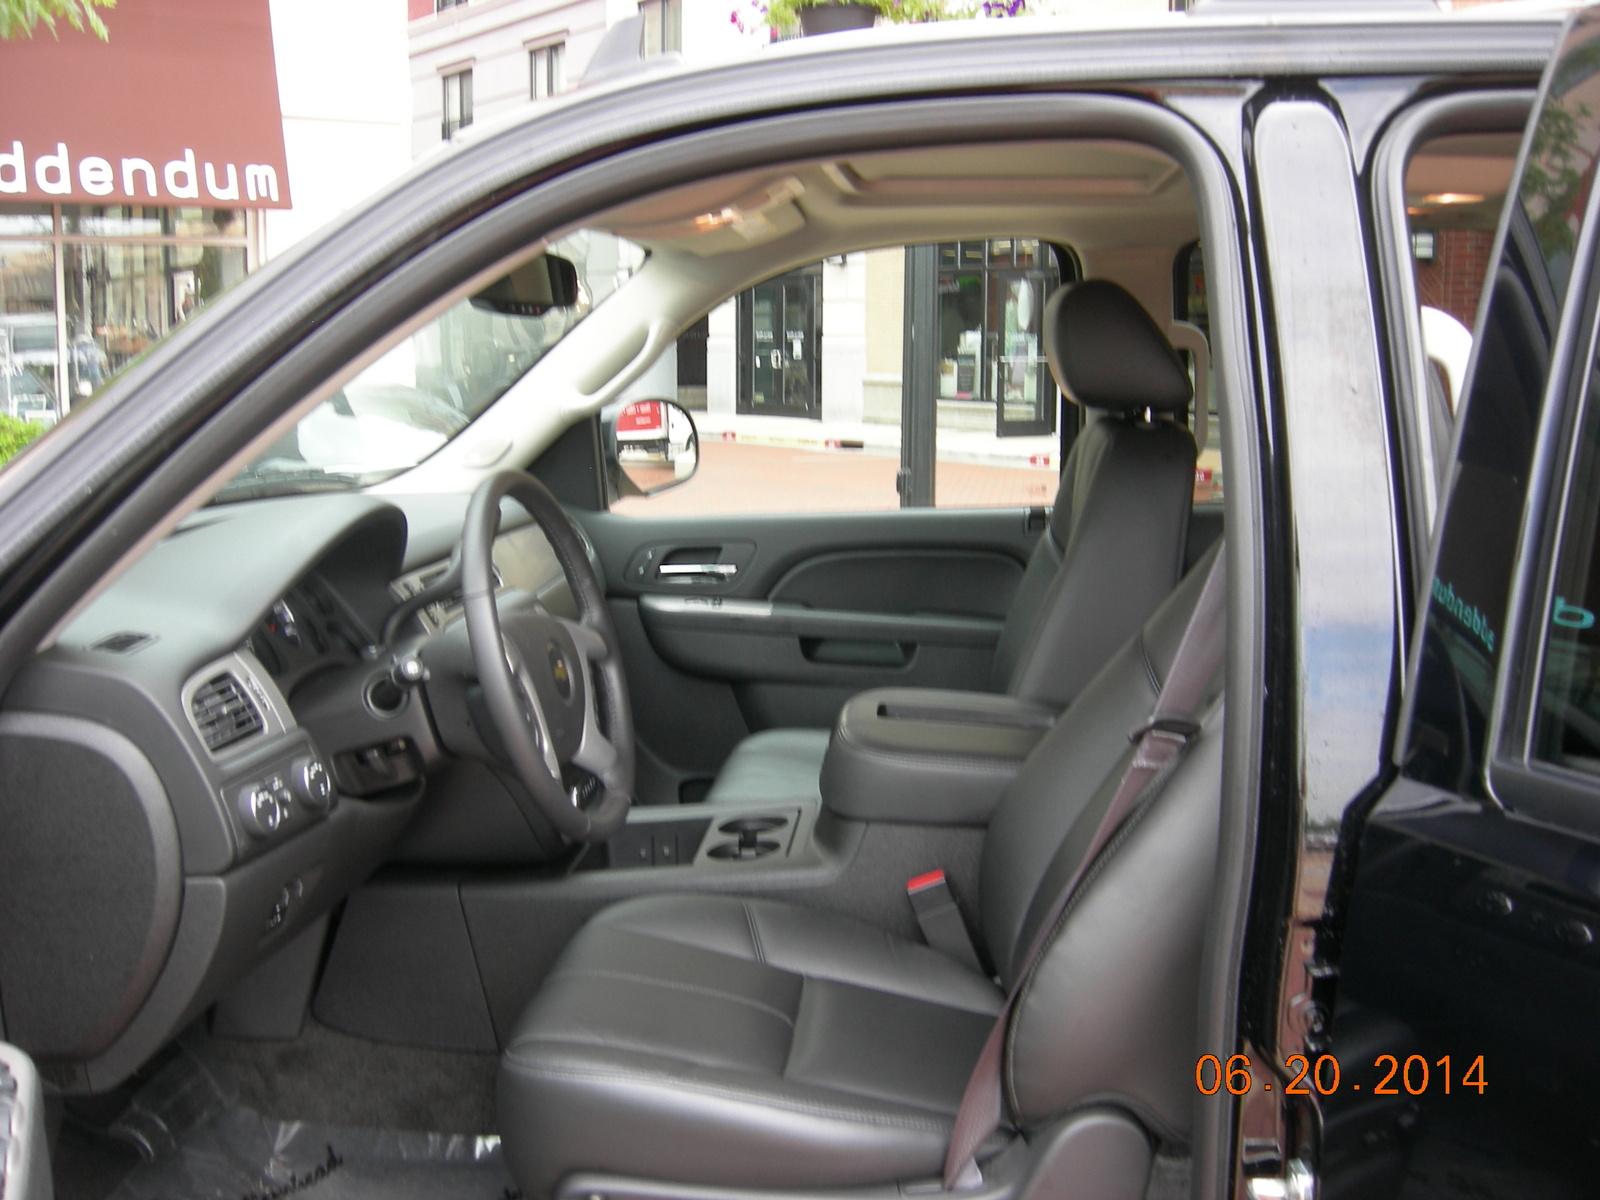 2014 Chevrolet Suburban Pictures Cargurus